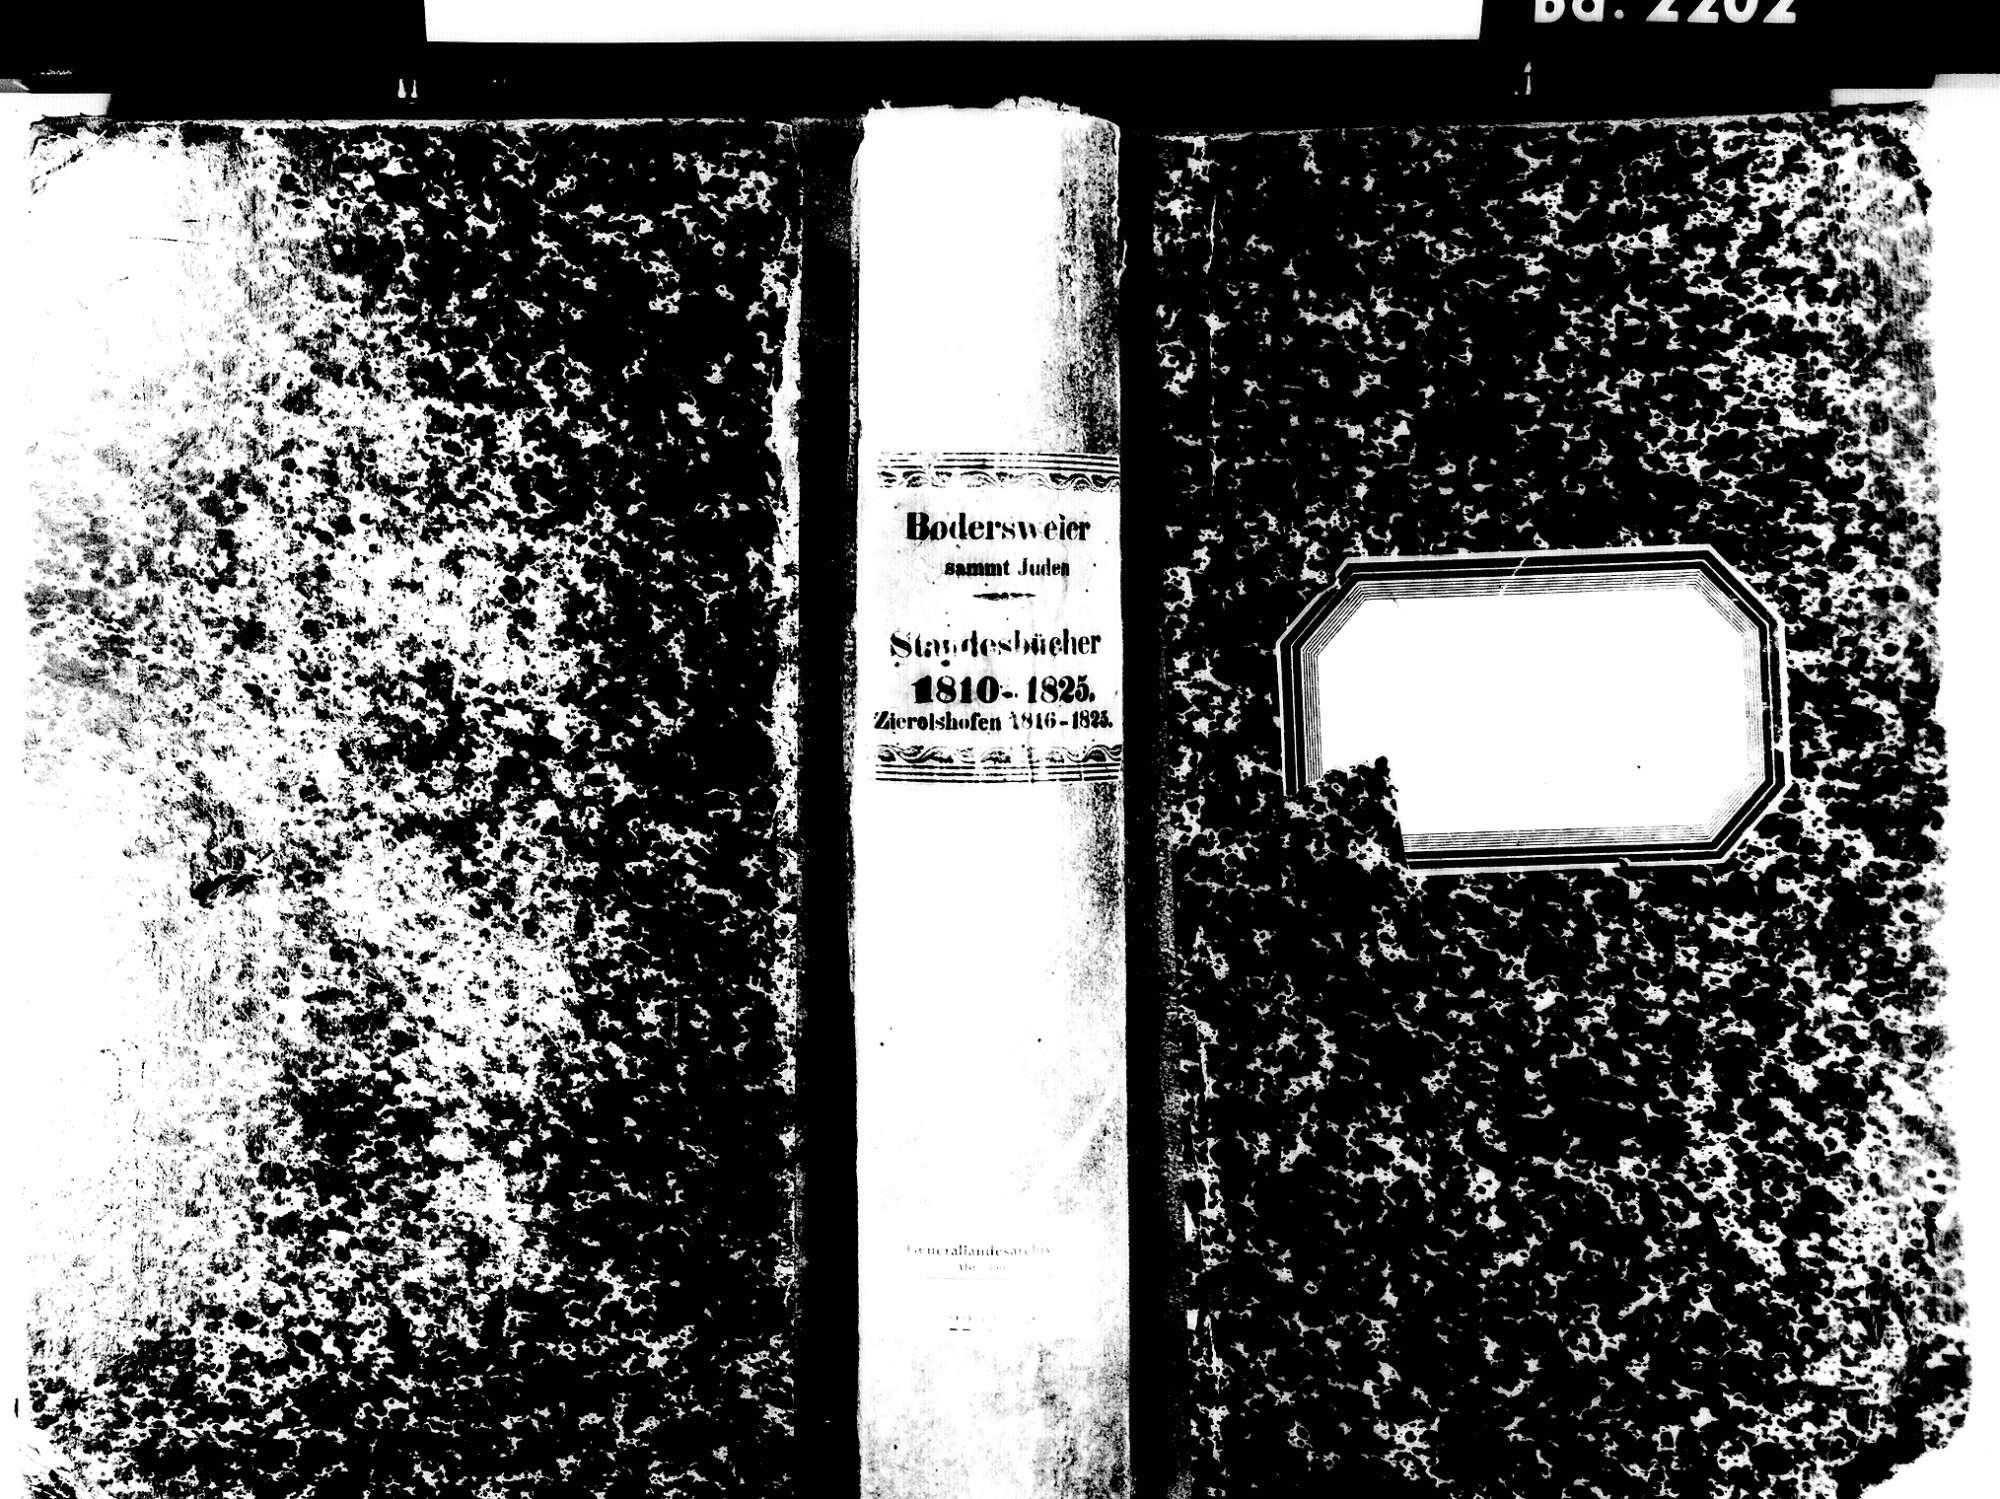 Bodersweier, Kehl OG; Evangelische Gemeinde: Standesbuch 1810-1825 Bodersweier, Kehl OG; Israelitische Gemeinde: Standesbuch 1810-1825, Bild 1